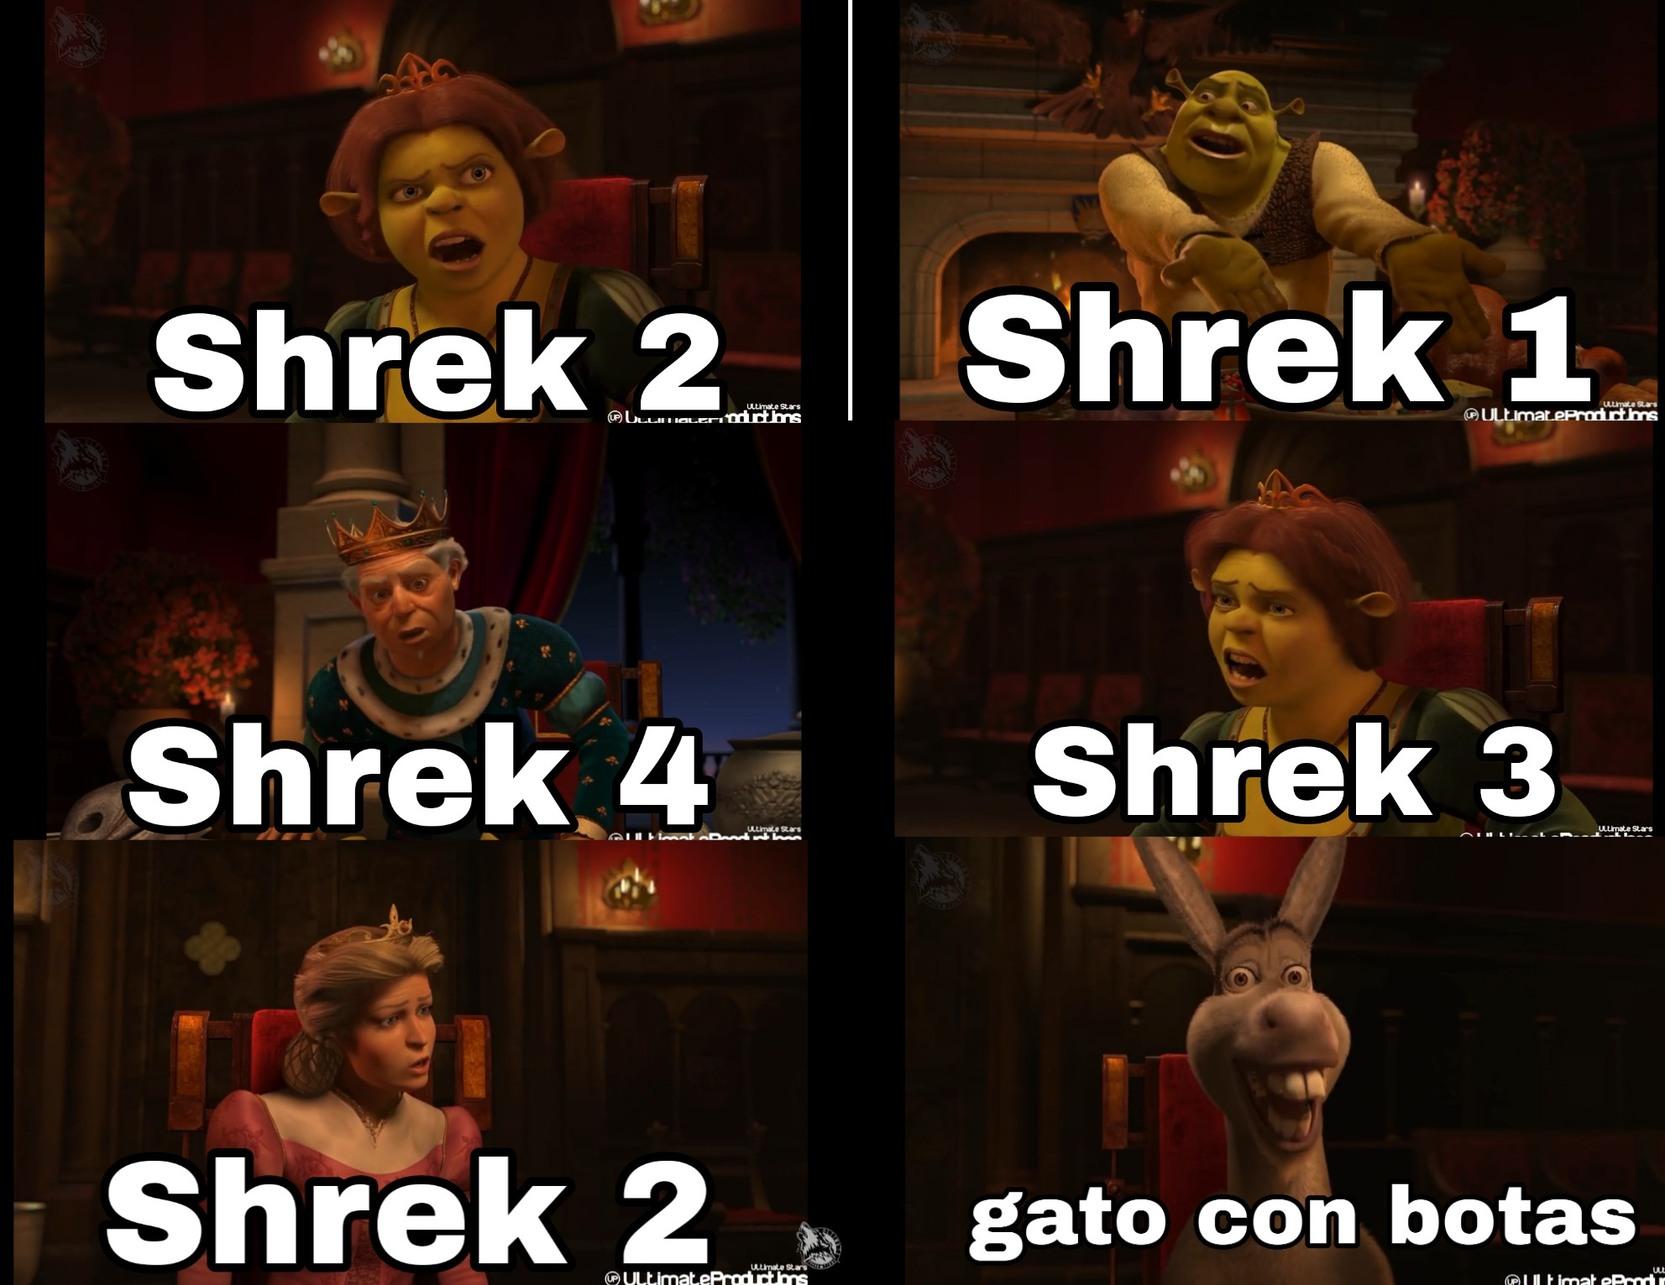 ¿Cual es la mejor película de Shrek? - meme